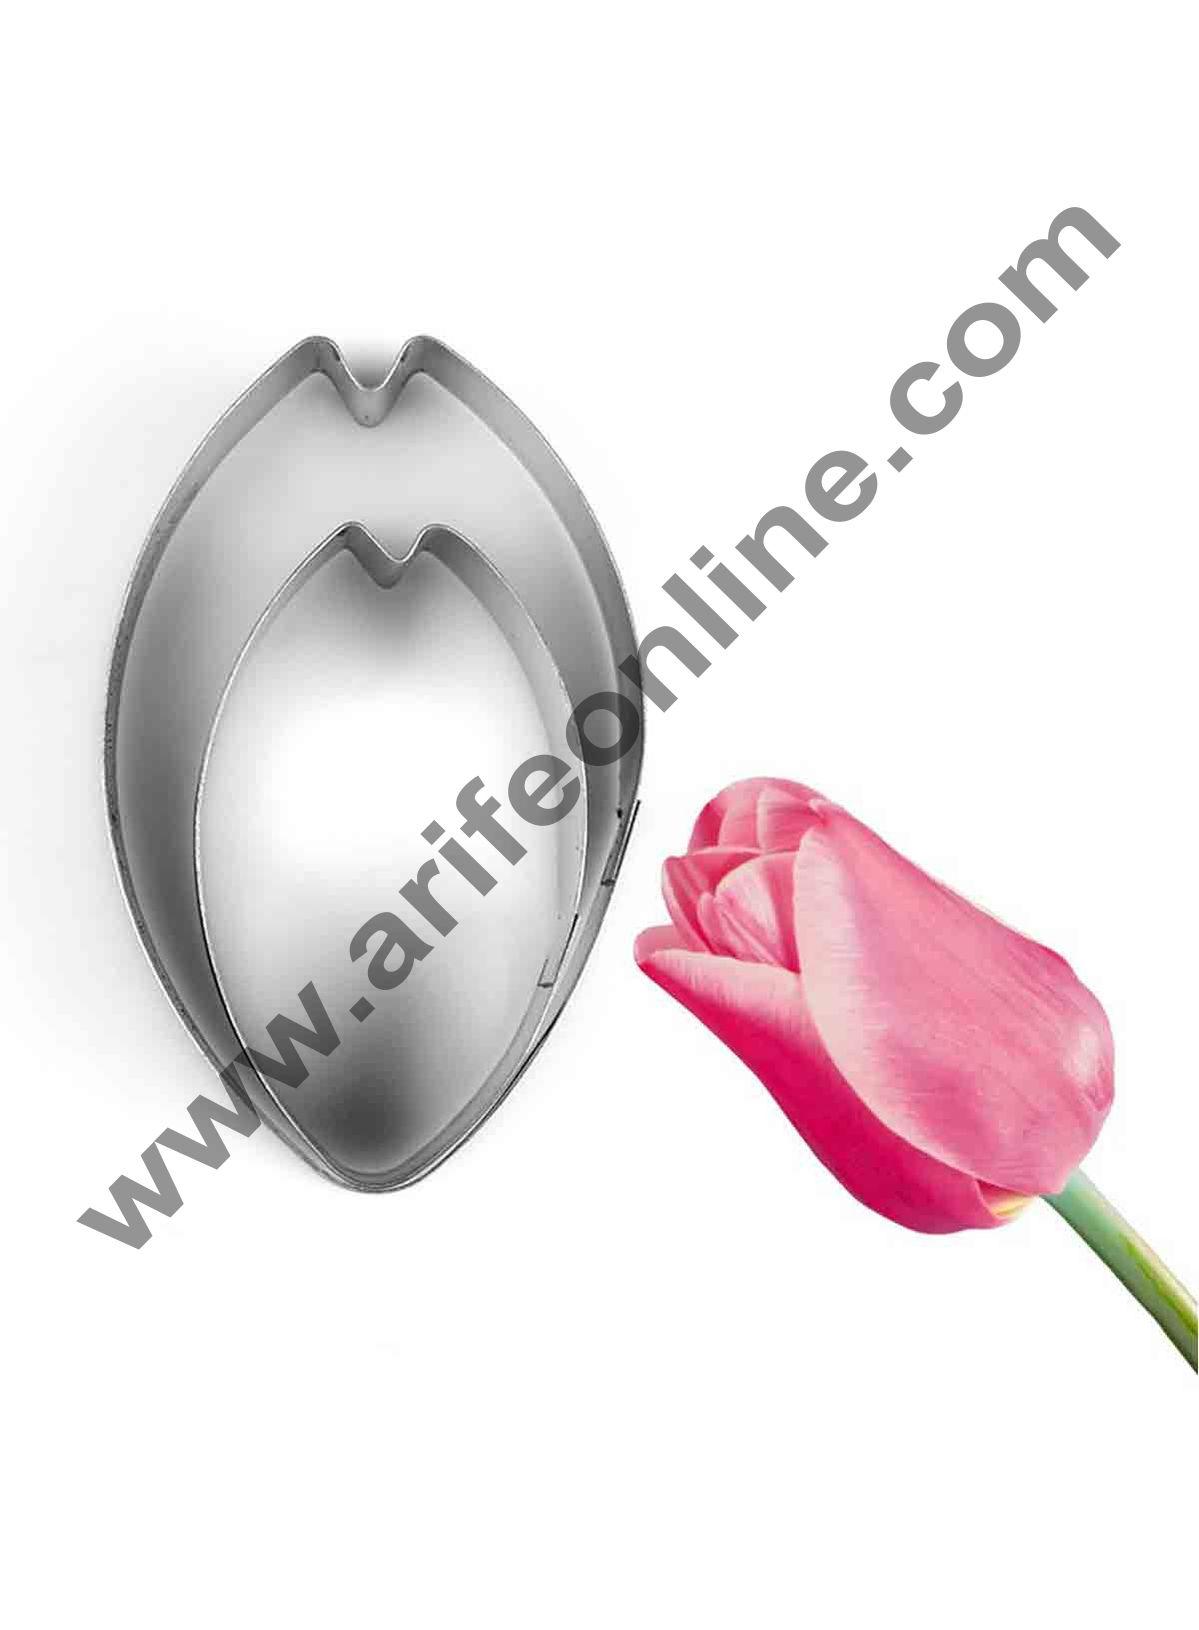 Cake Decor 2 Pcs Tulip Petals Shape Cutter Bakeware Mould Biscuit Mould Set Sugar Arts Fondant Cake Decoration Tools